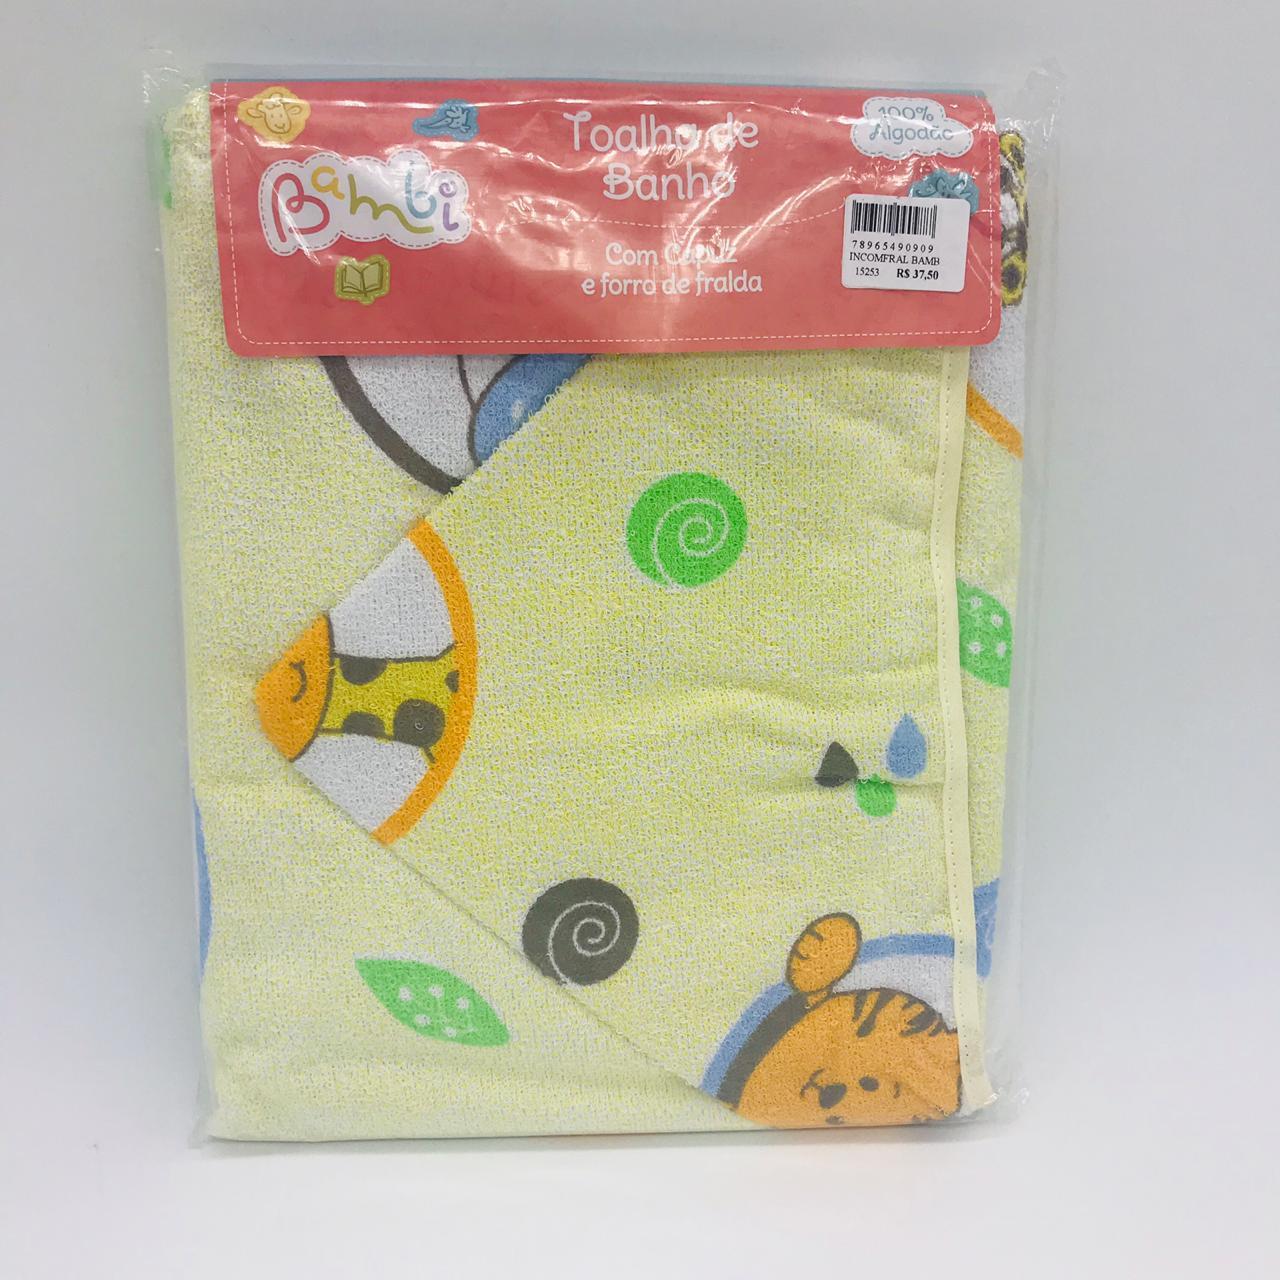 Toalha Com Capuz e Forro Fralda Girafa - Bambi Incomfral Ref 02003302020012